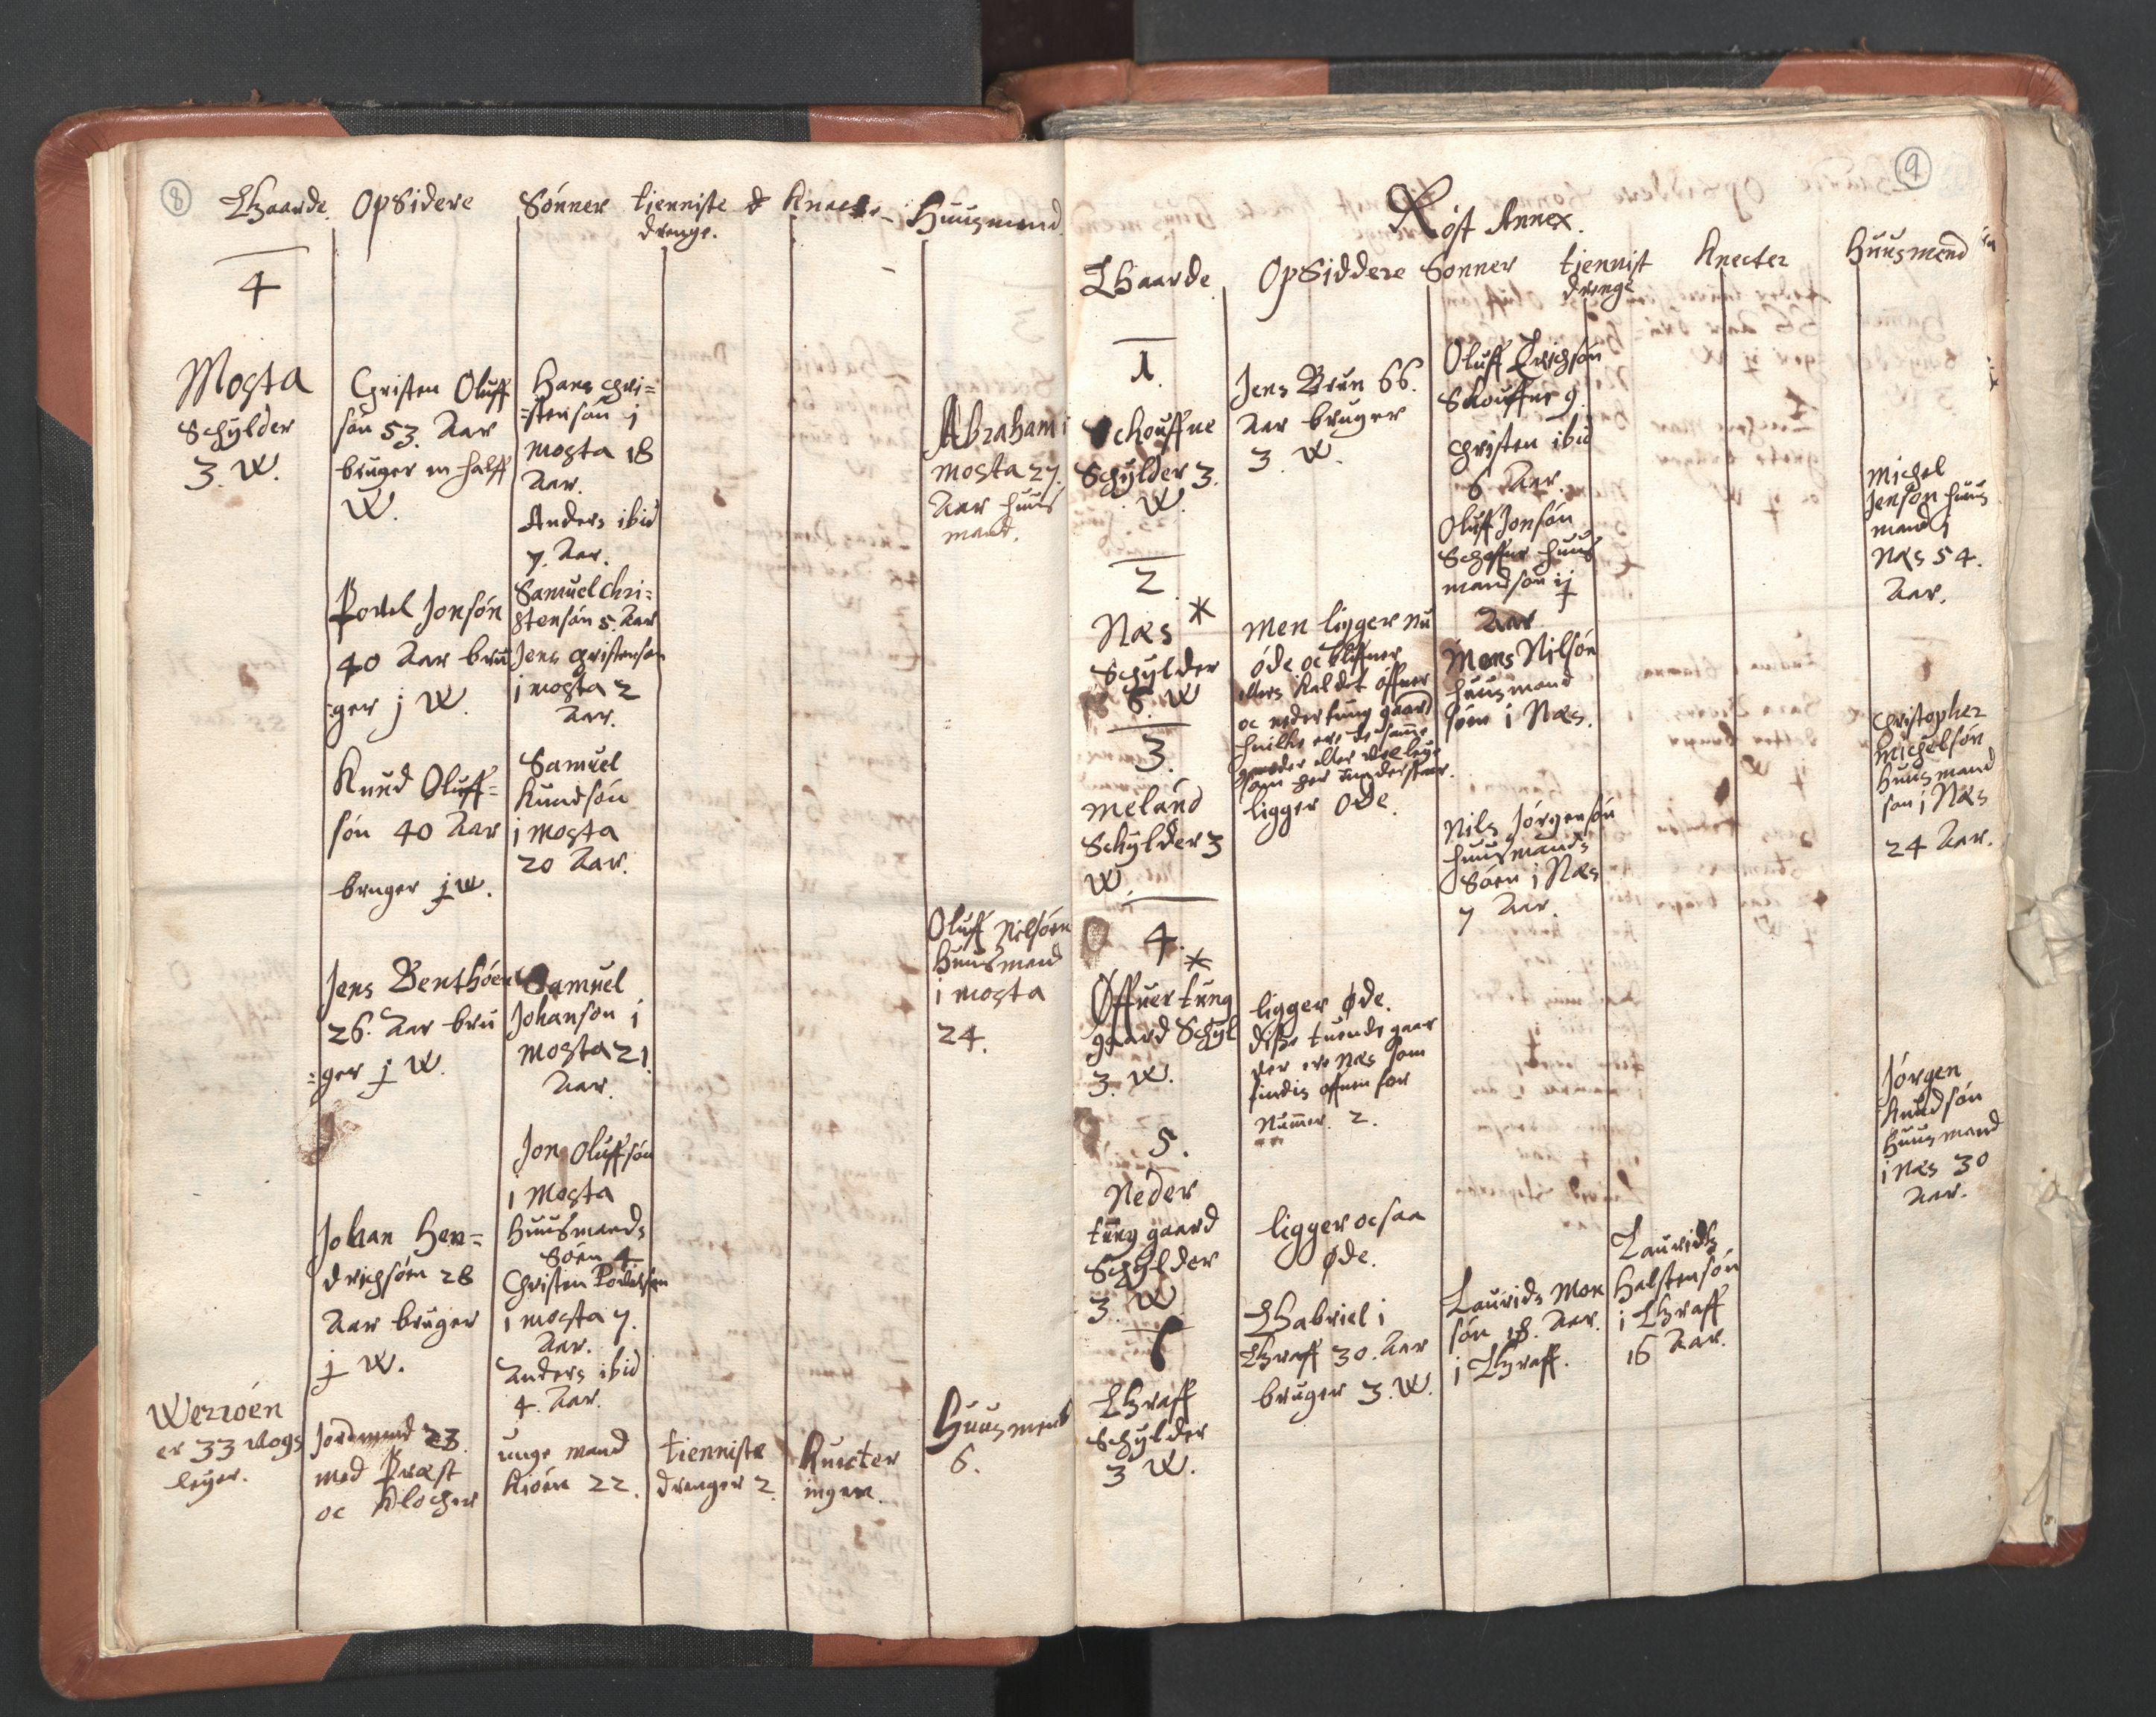 RA, Sogneprestenes manntall 1664-1666, nr. 36: Lofoten og Vesterålen prosti, Senja prosti og Troms prosti, 1664-1666, s. 8-9